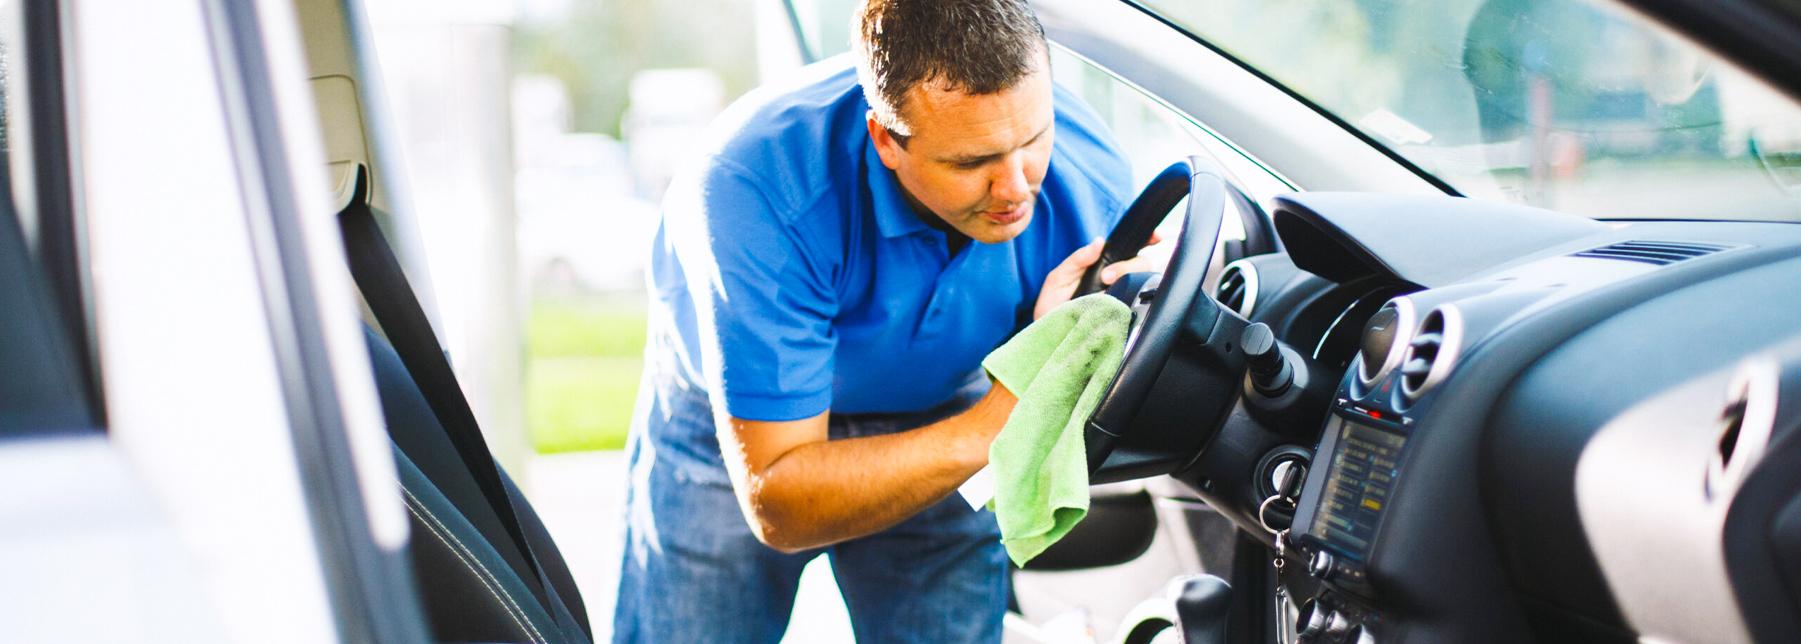 Tutorial: Aprenda como limpar seu carro perfeitamente